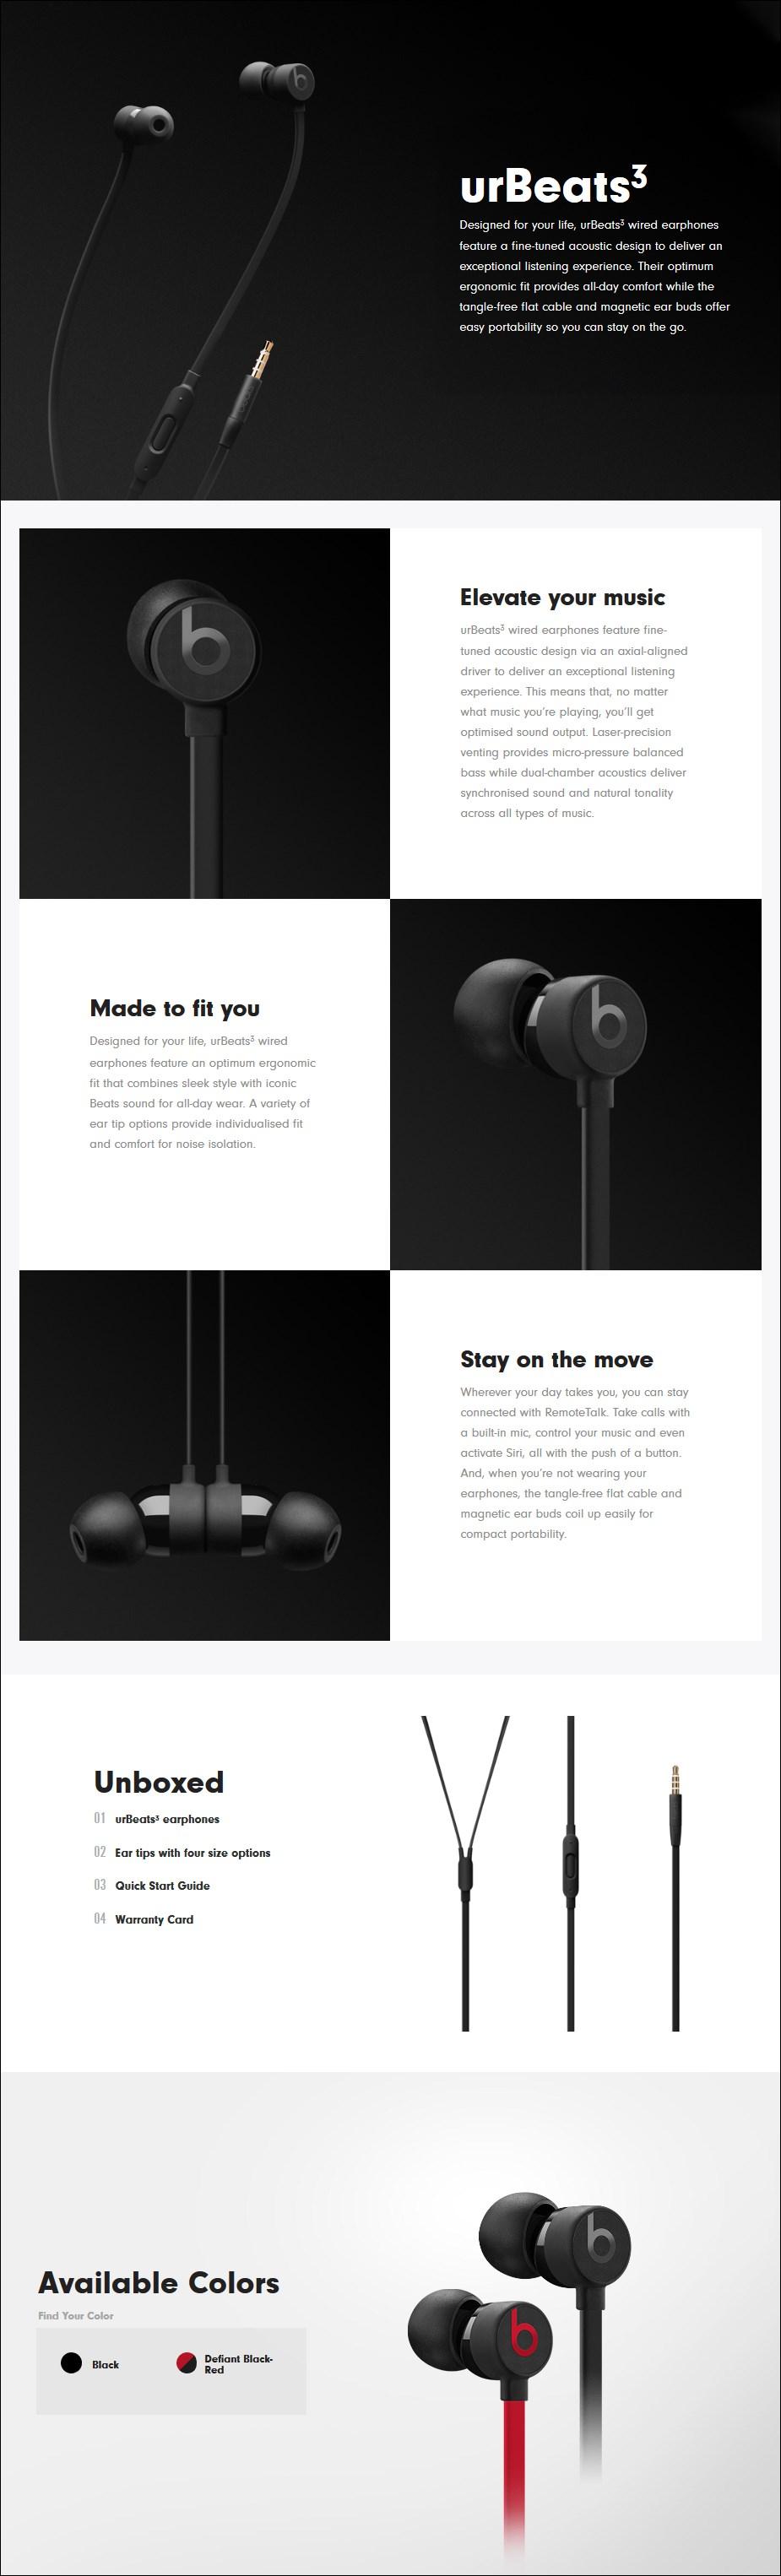 Beats urBeats3 Earphones with 3.5mm Plug - Black - Overview 1